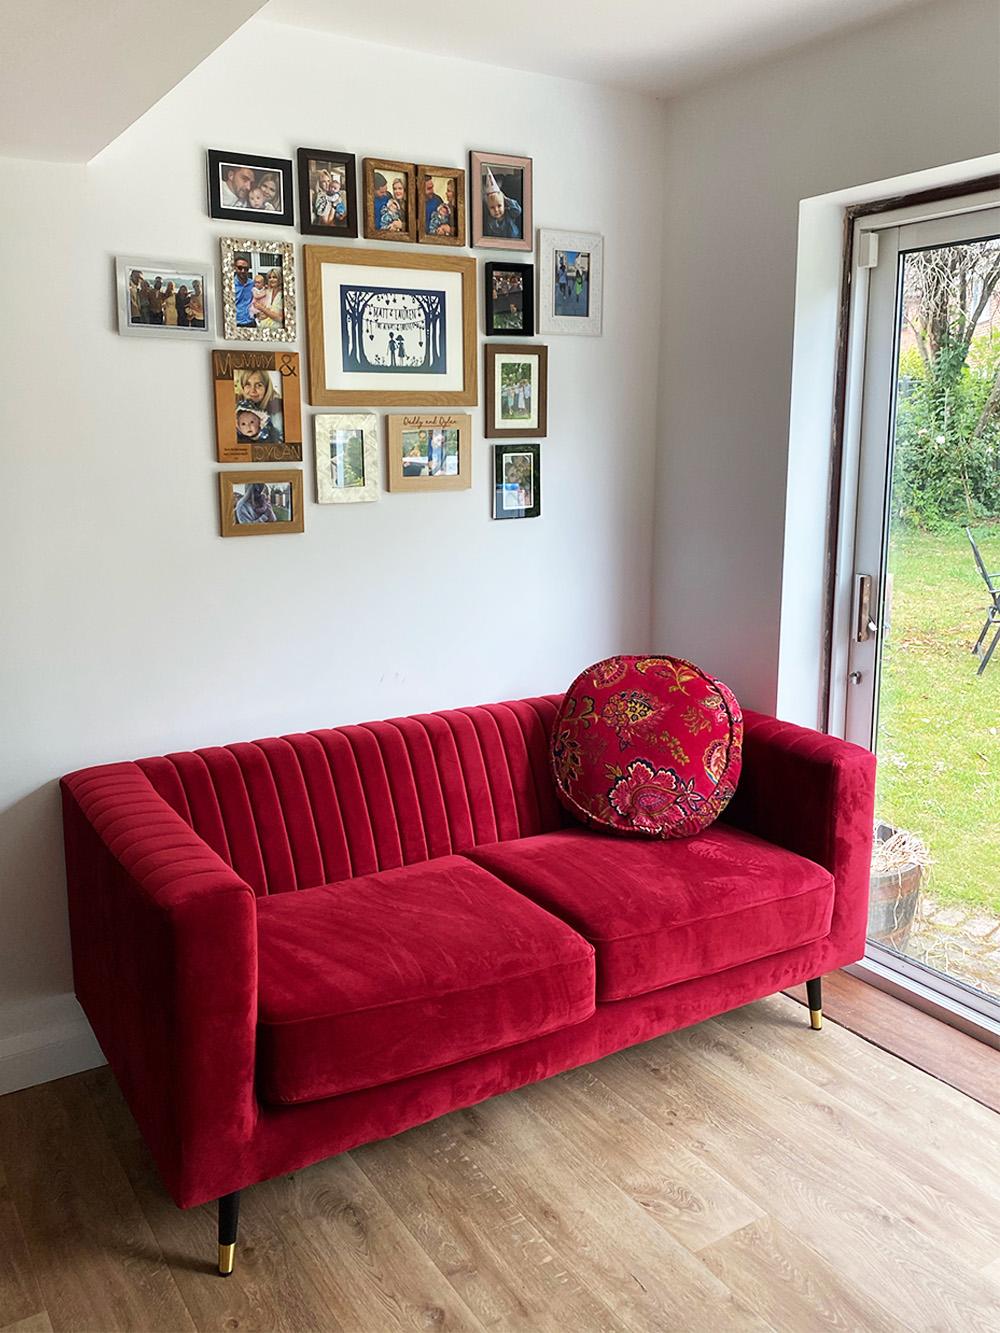 Czerwona sofa Slender w przytulnym mieszkaniu